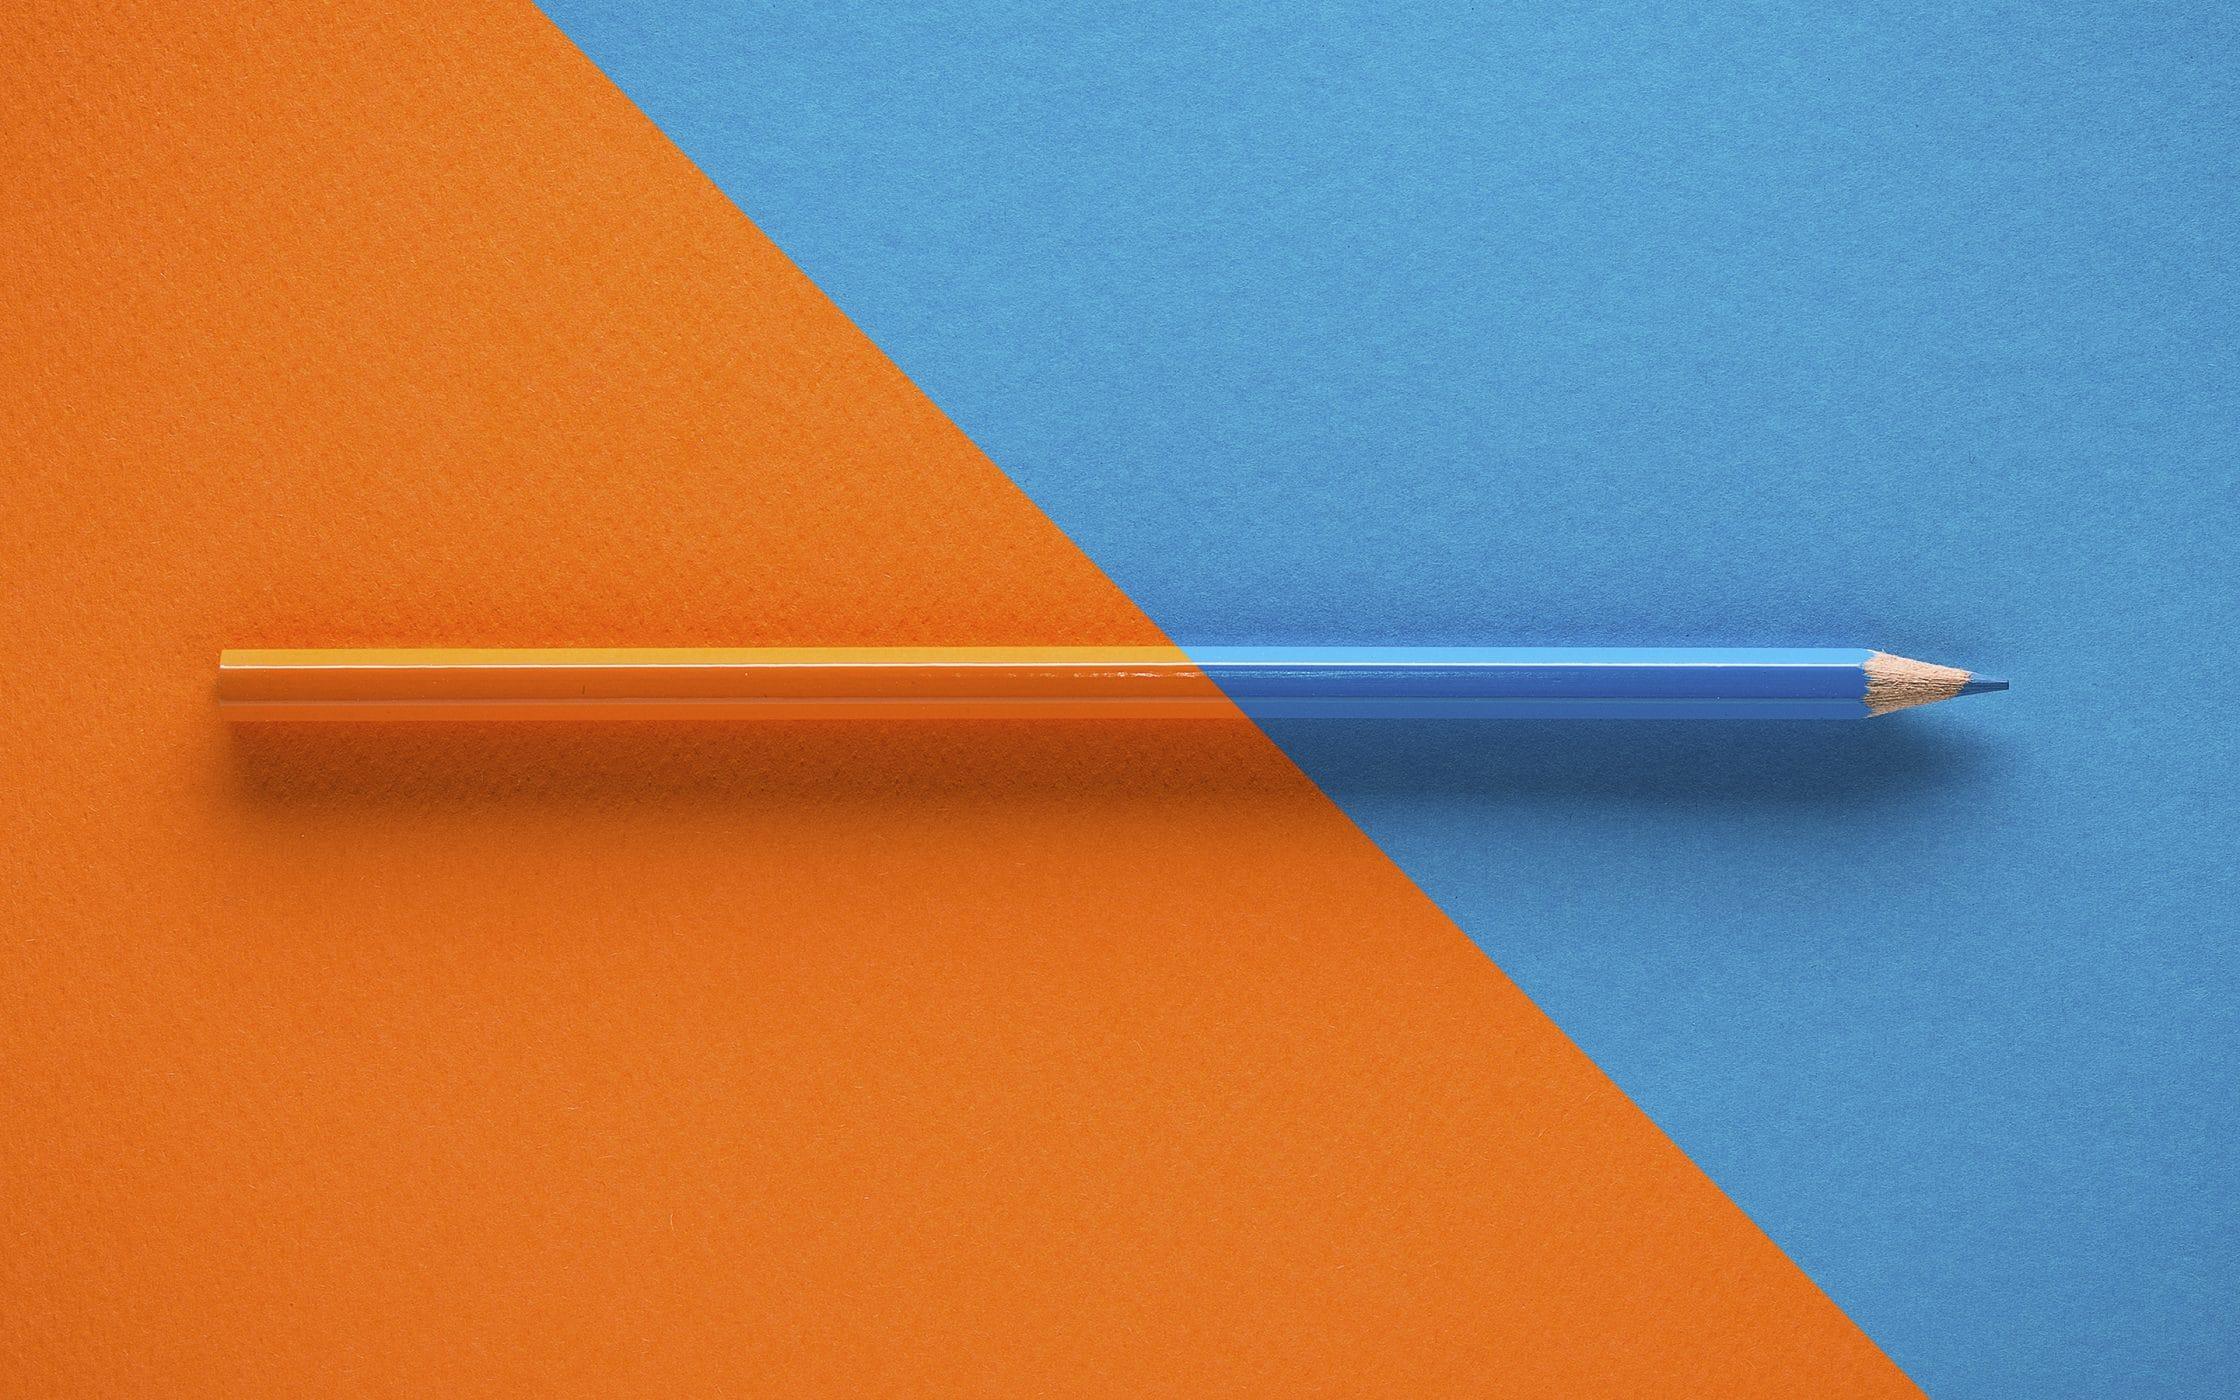 Current Graphic Design Trends